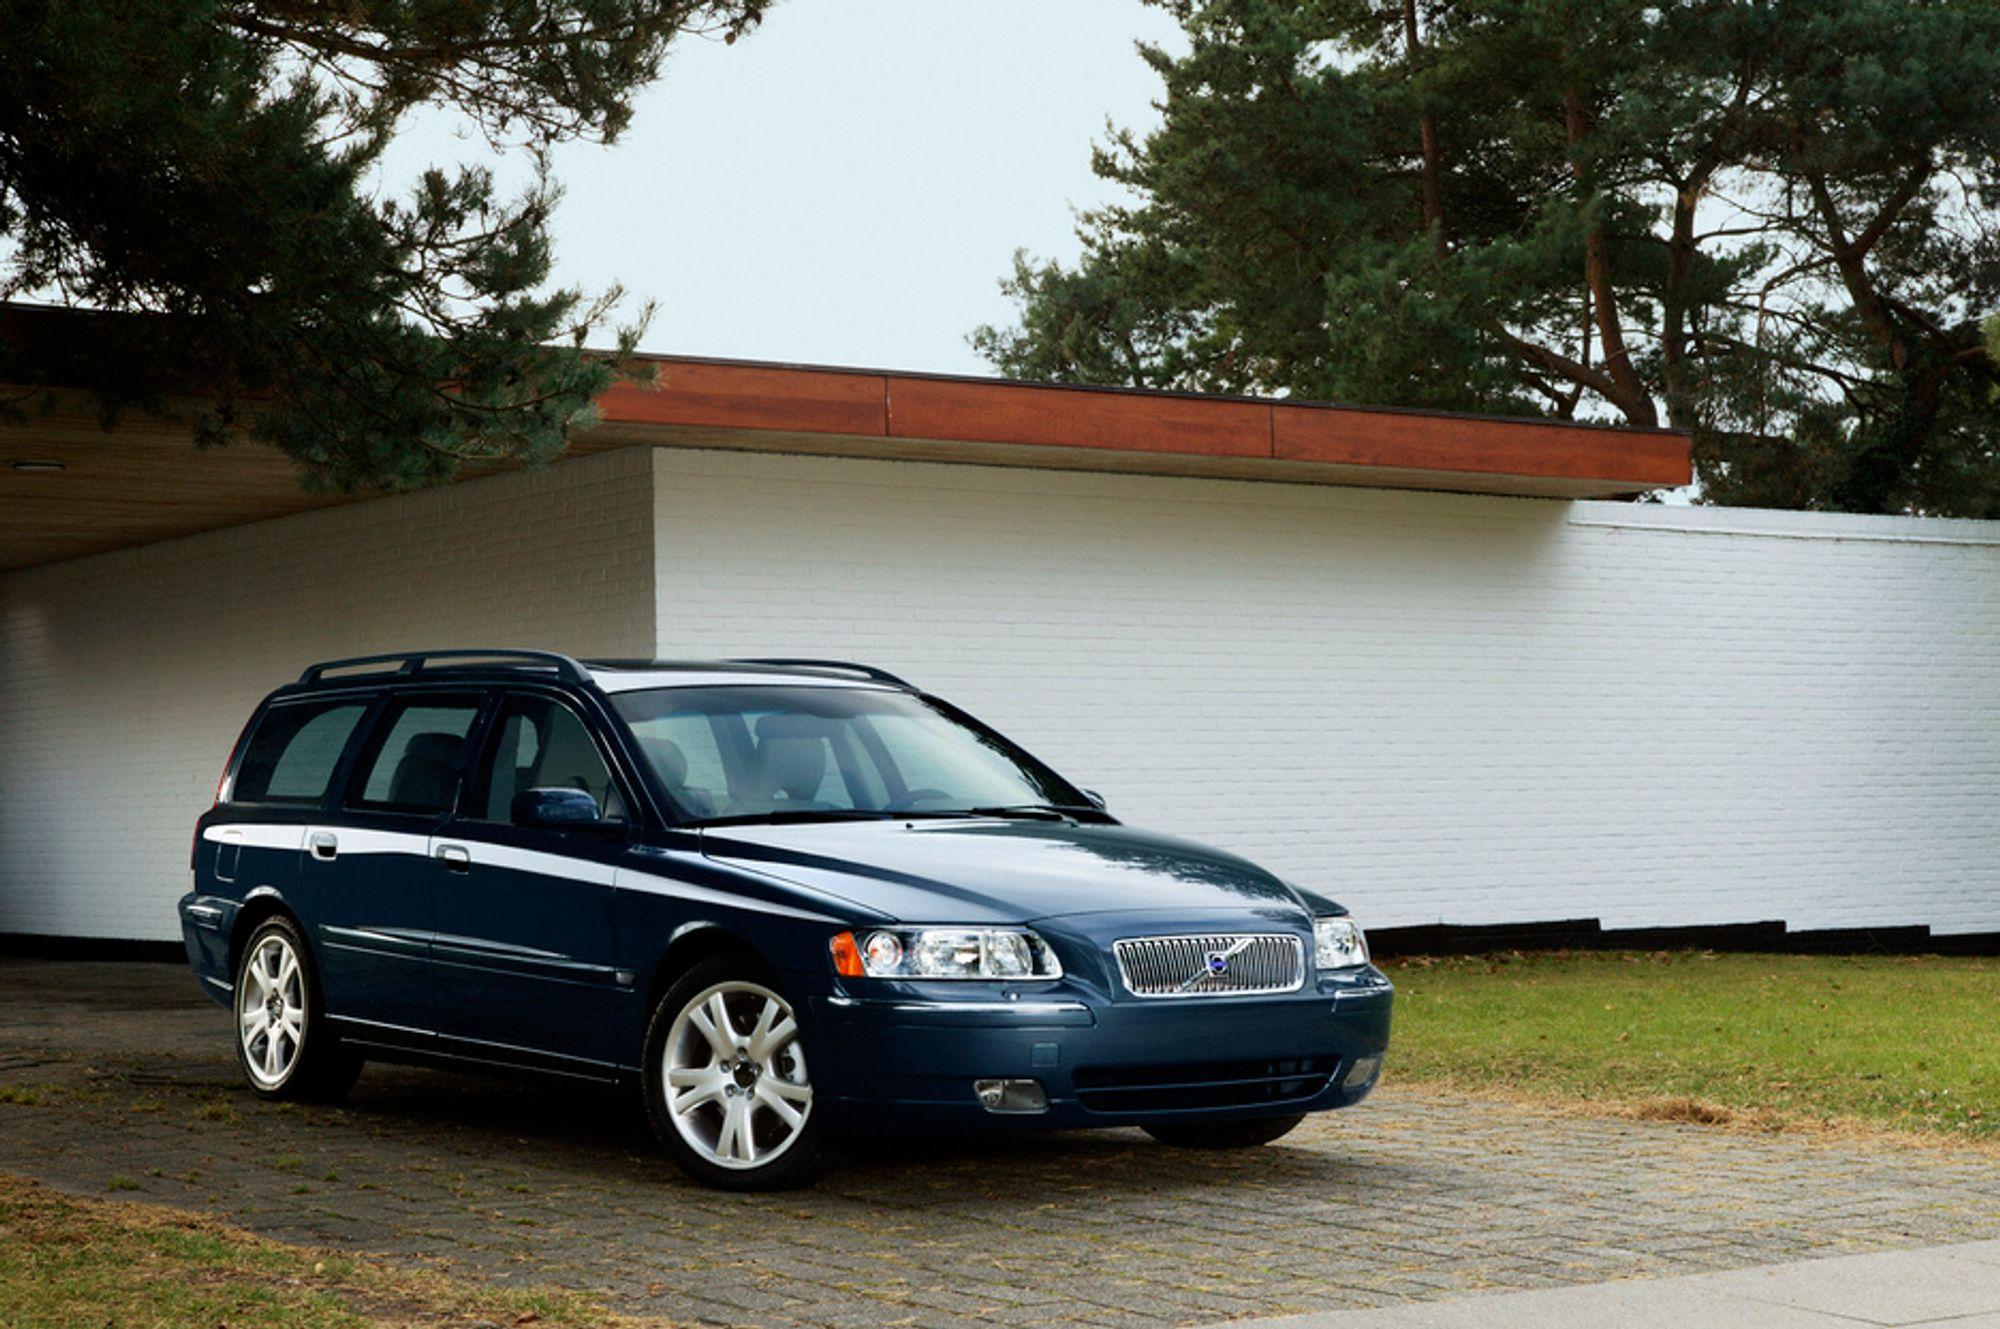 STERKERE: Også Volvo kaster seg på karusellen og tilbyr sterkere dieselmotorer med langt lavere utslipp. Du finner nyhetene bl.a. i denne bilen, en 2006-modell V70.